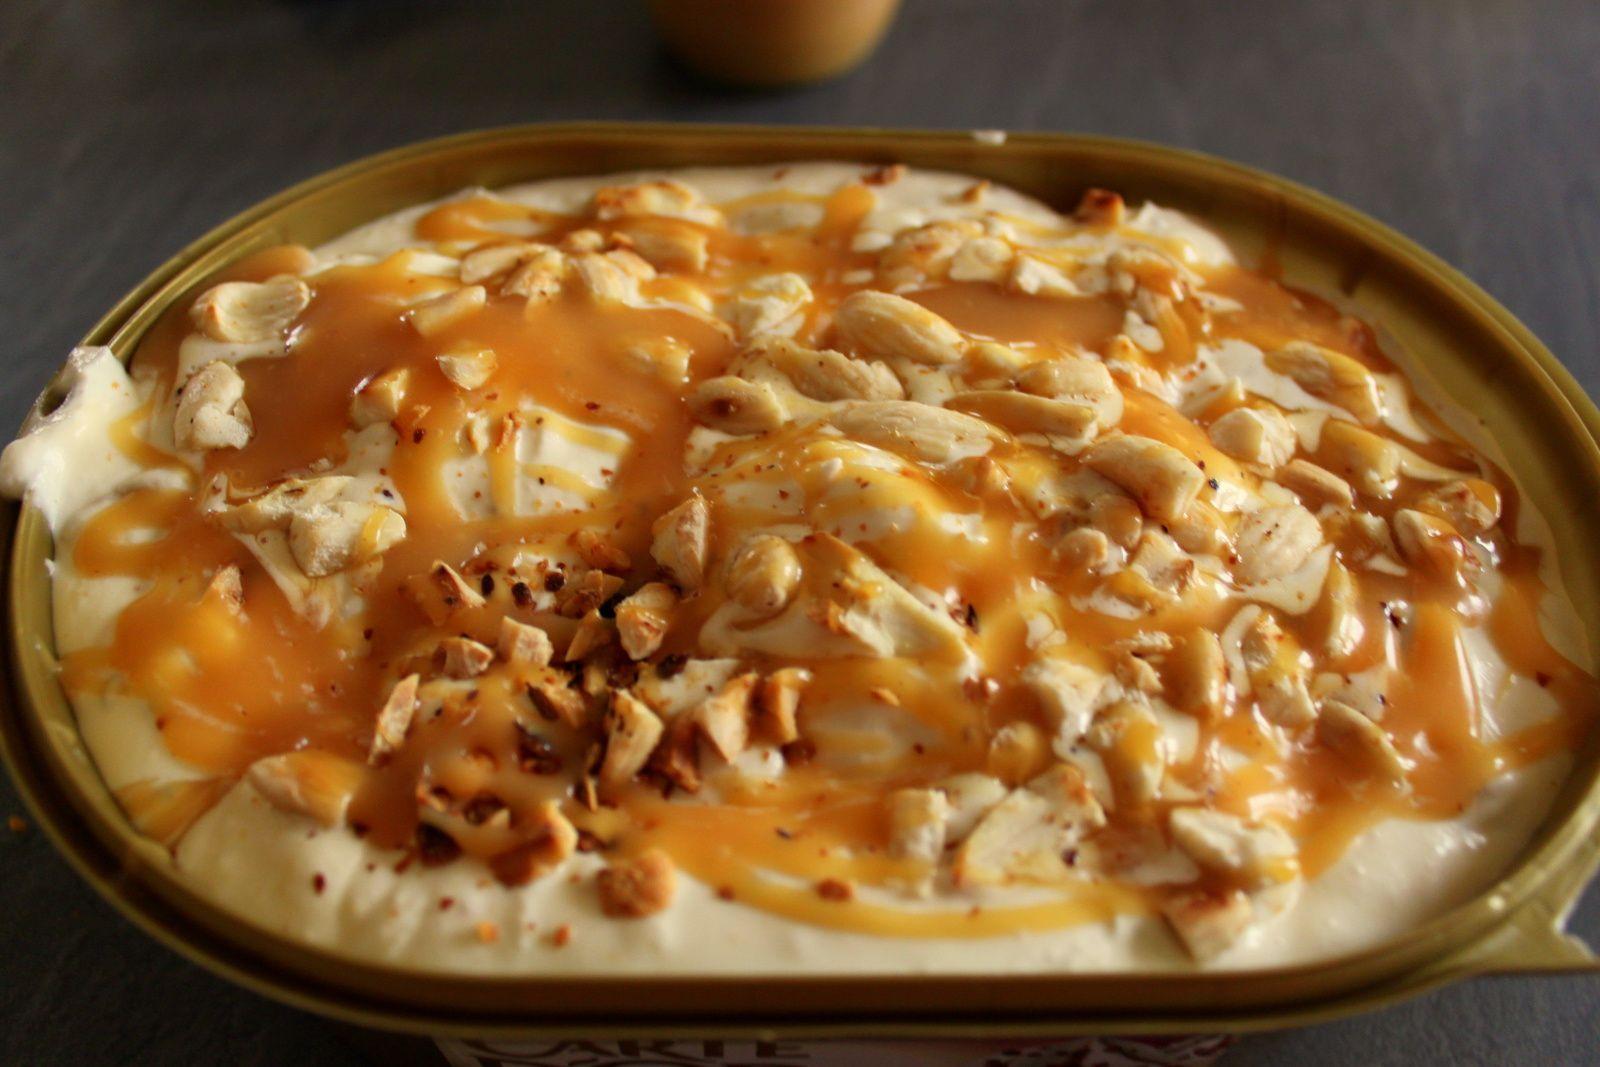 Glace maison sundae caramel amandes et cacahu tes les secrets de mes d lices - Recette yaourt glace sans sorbetiere ...